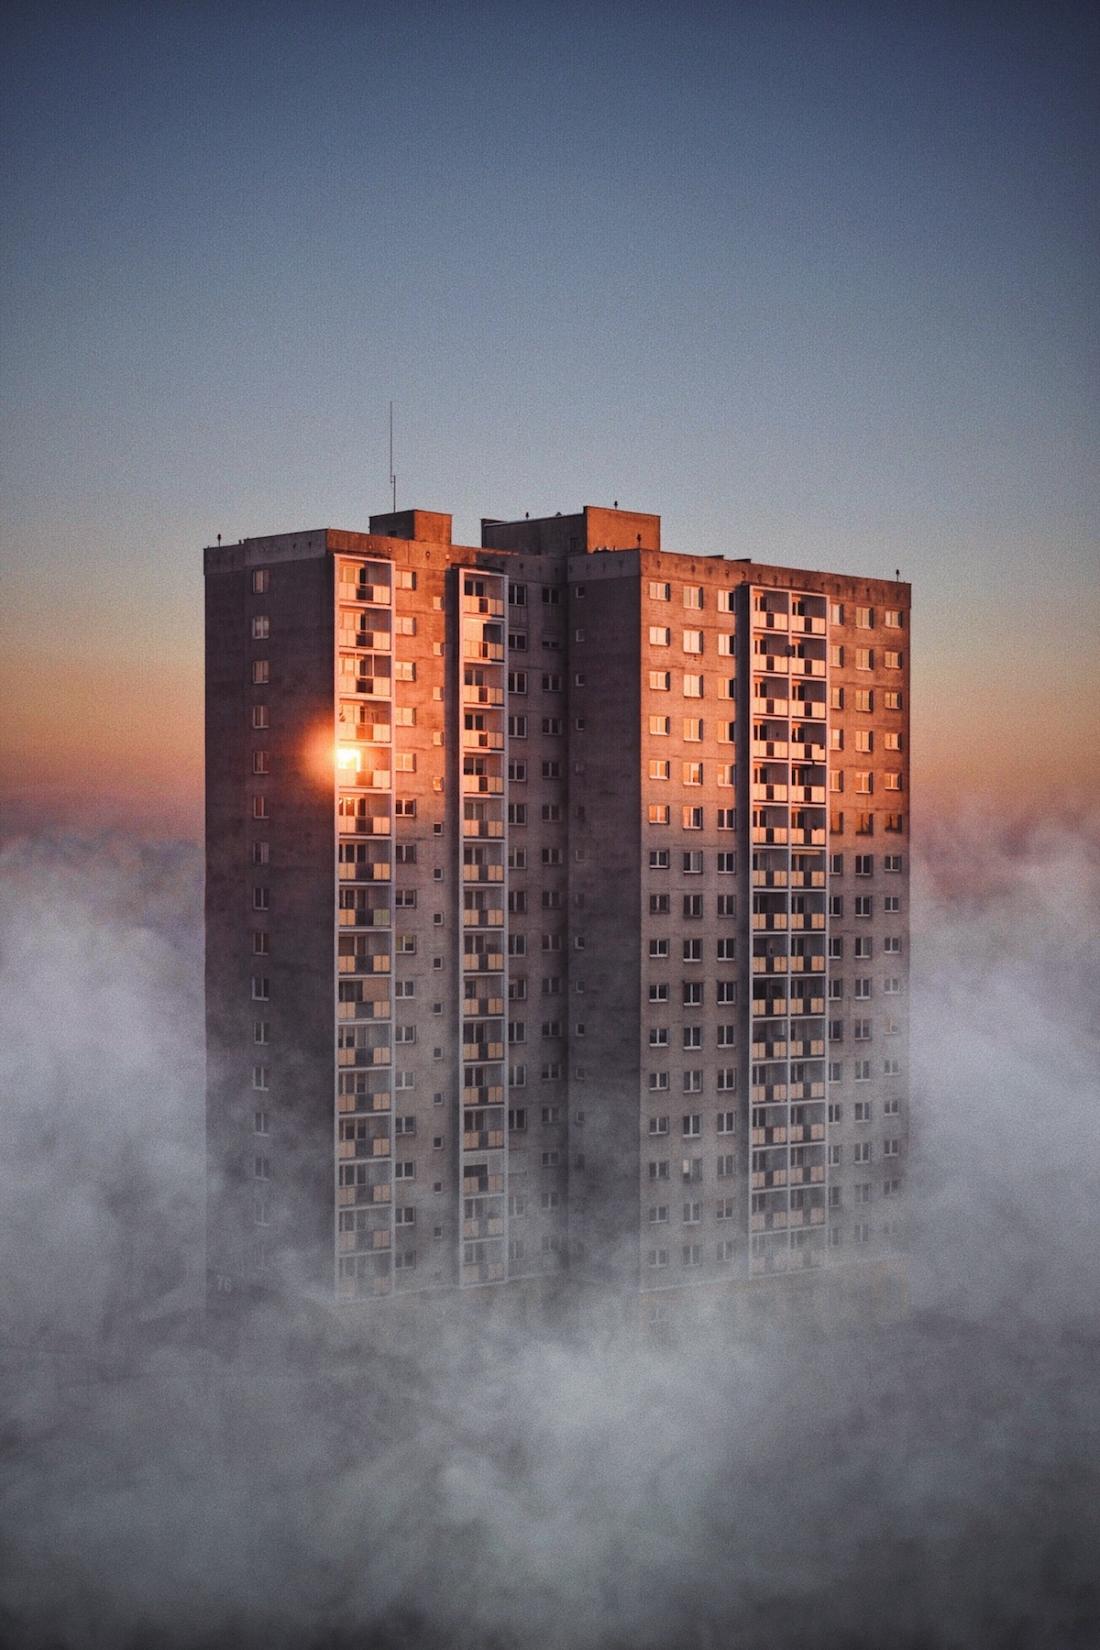 wysoki budynek otoczony wysoka mgla